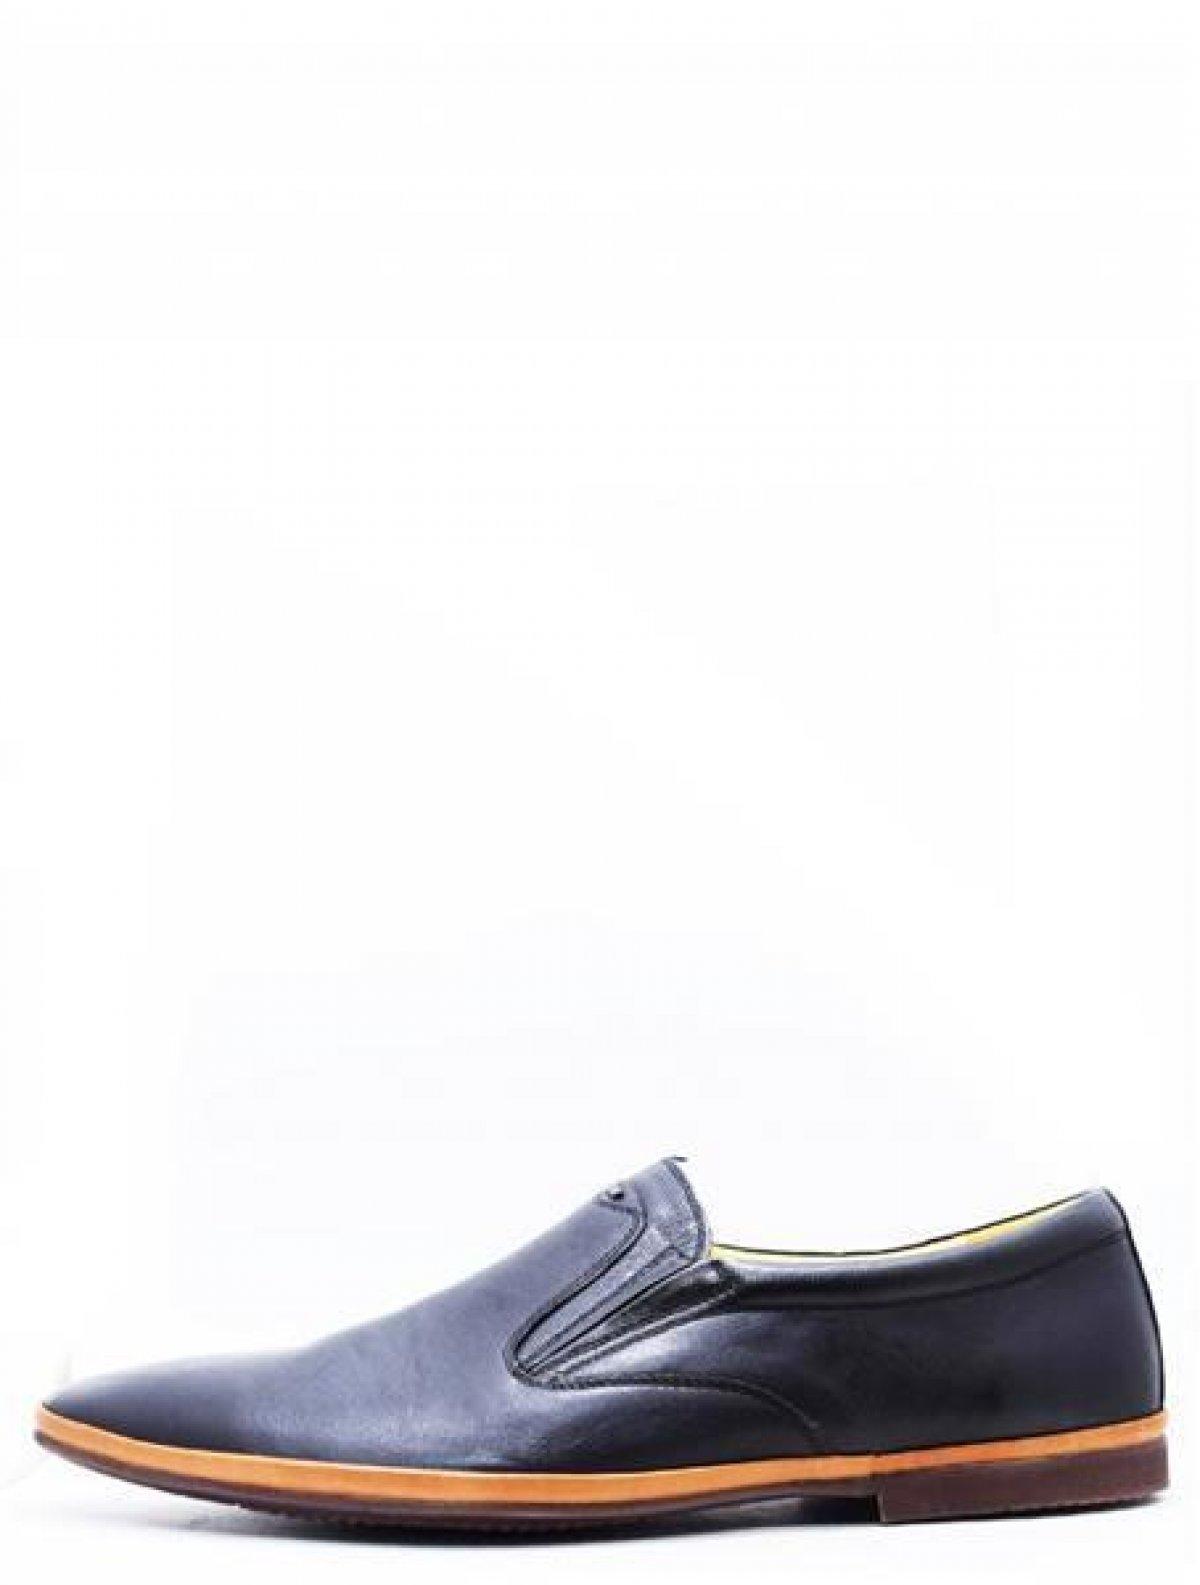 657186/01-01GT мужские туфли